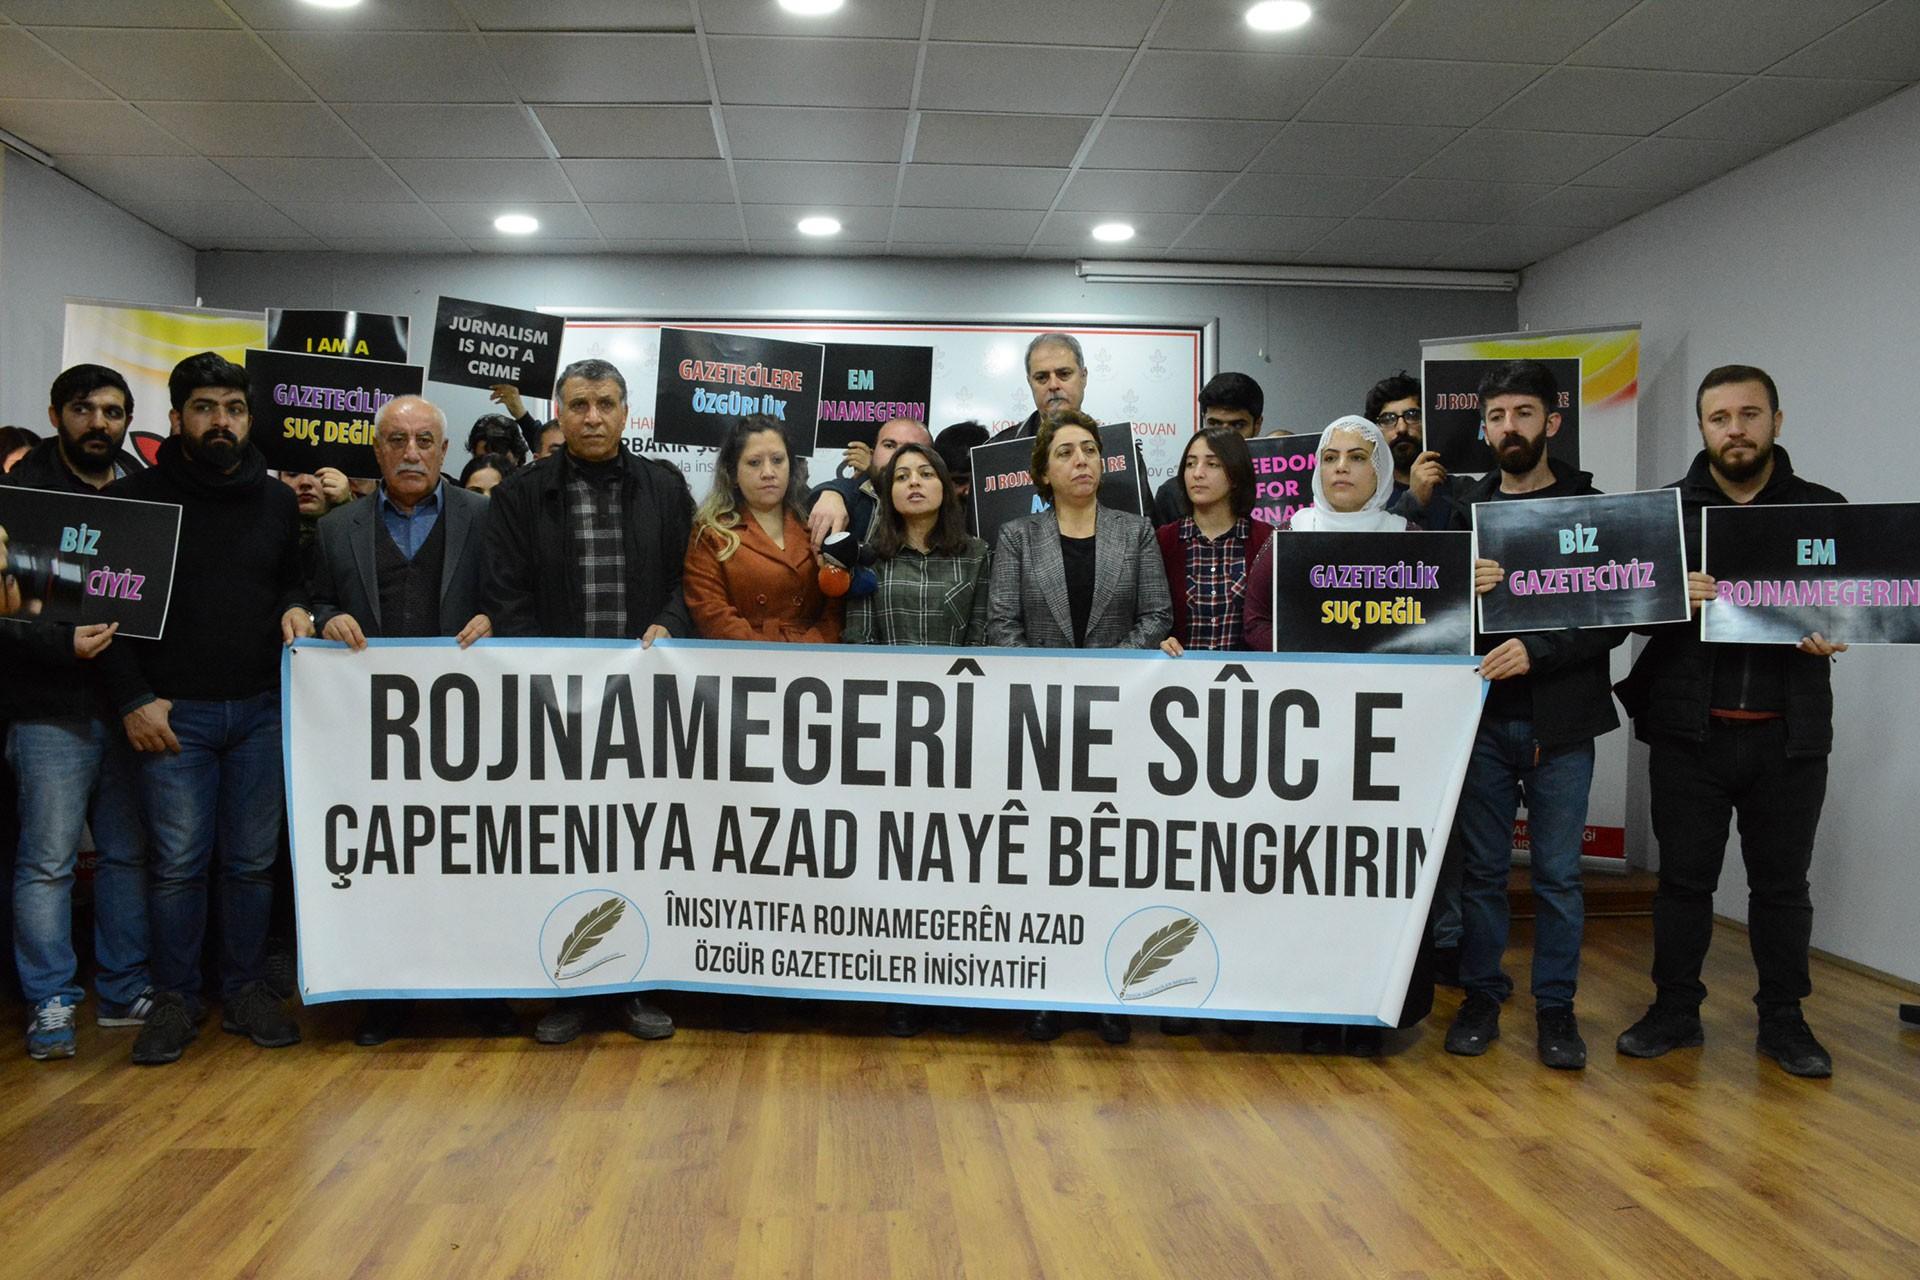 Diyarbakırlı gazetecilerin Aziz Oruç için yaptığı açıkmaladan